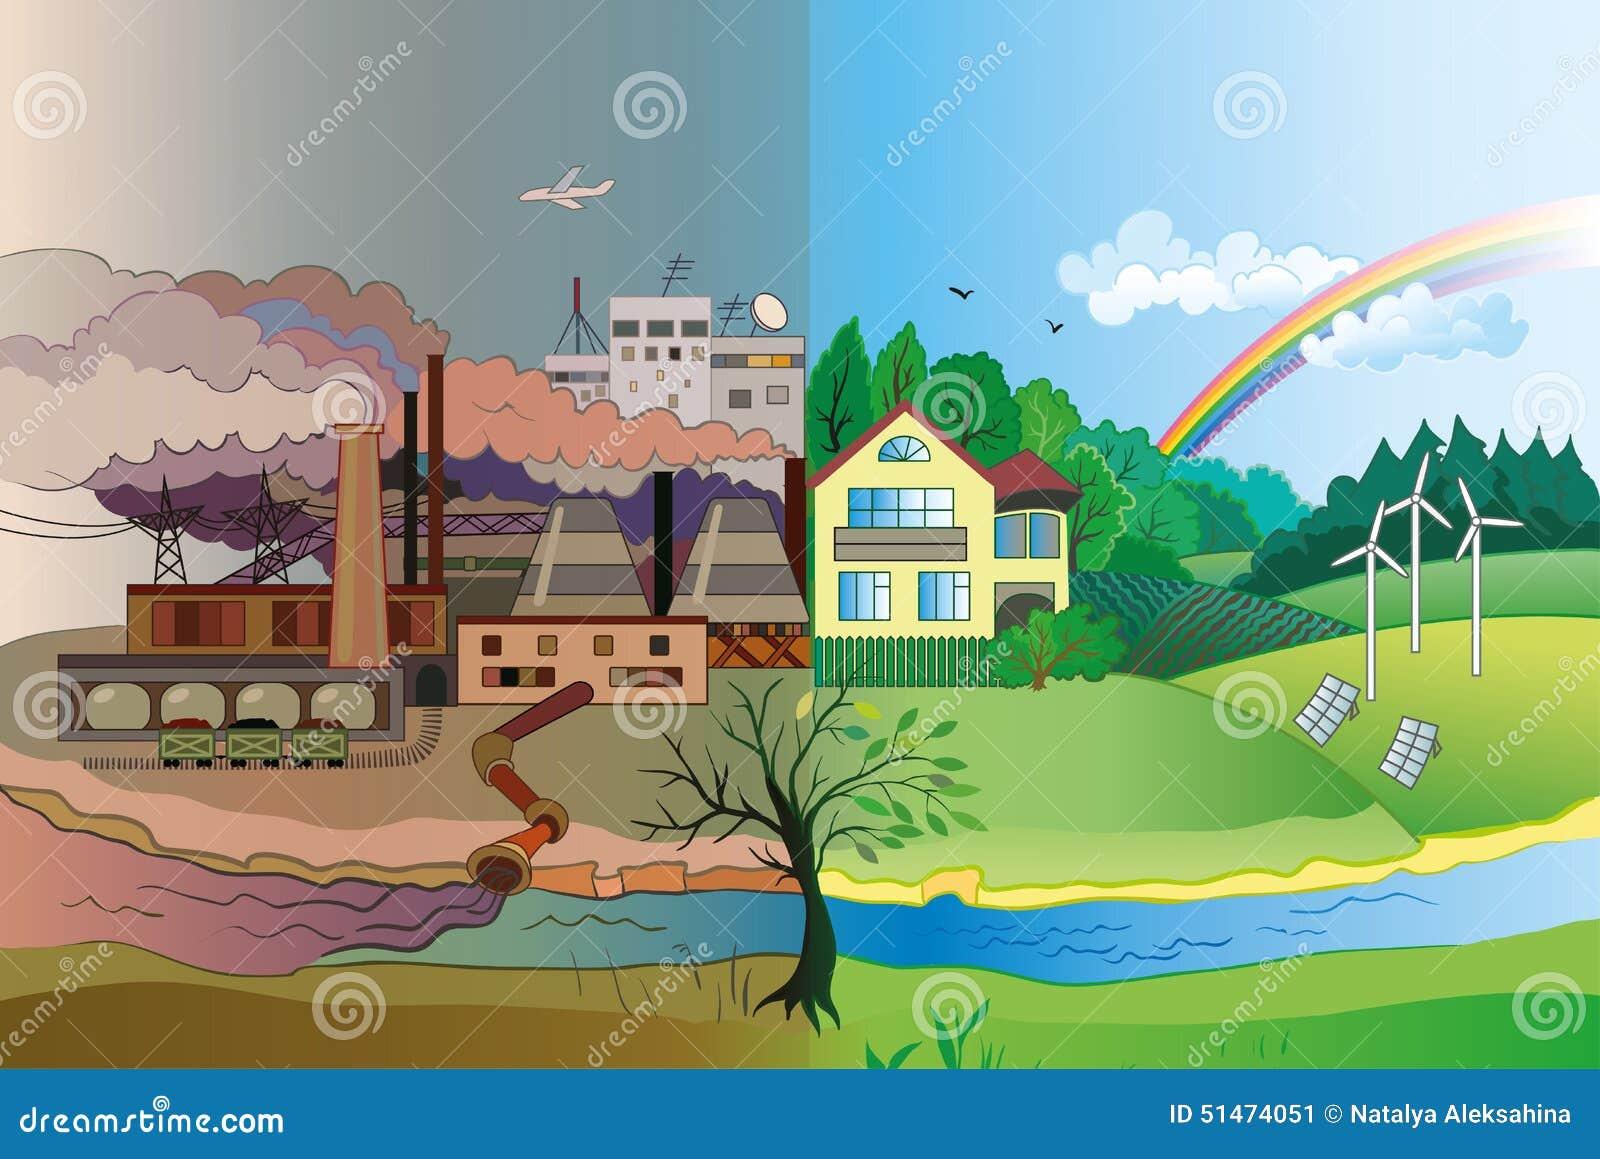 Рисунки по загрязненной среде